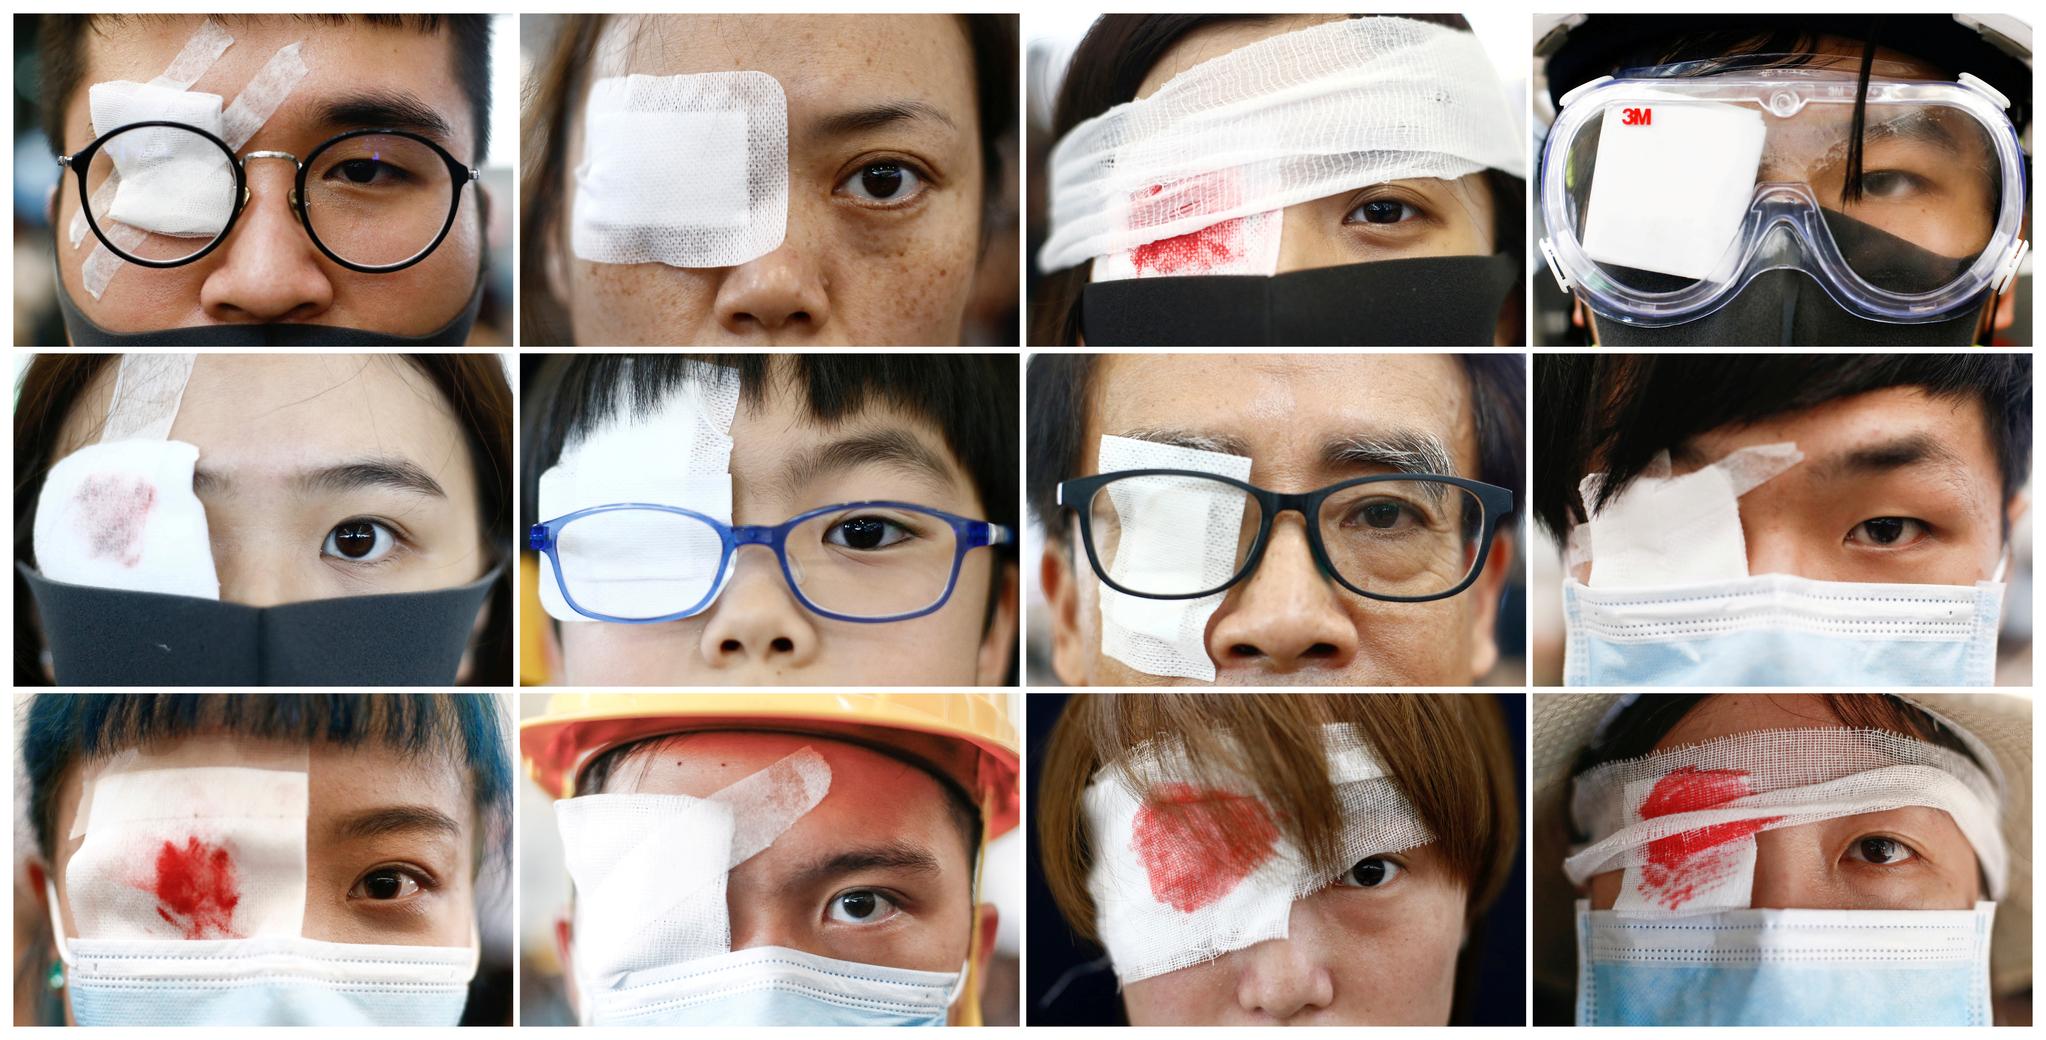 시위 도중 경찰이 쏜 진압장비 탄환에 맞아 한 여성이 실명한 것에 항의하며 12일 중국 홍콩 공항터미널 안에서 붕대와 안대를 착용한 시위대. [로이터=연합뉴스]